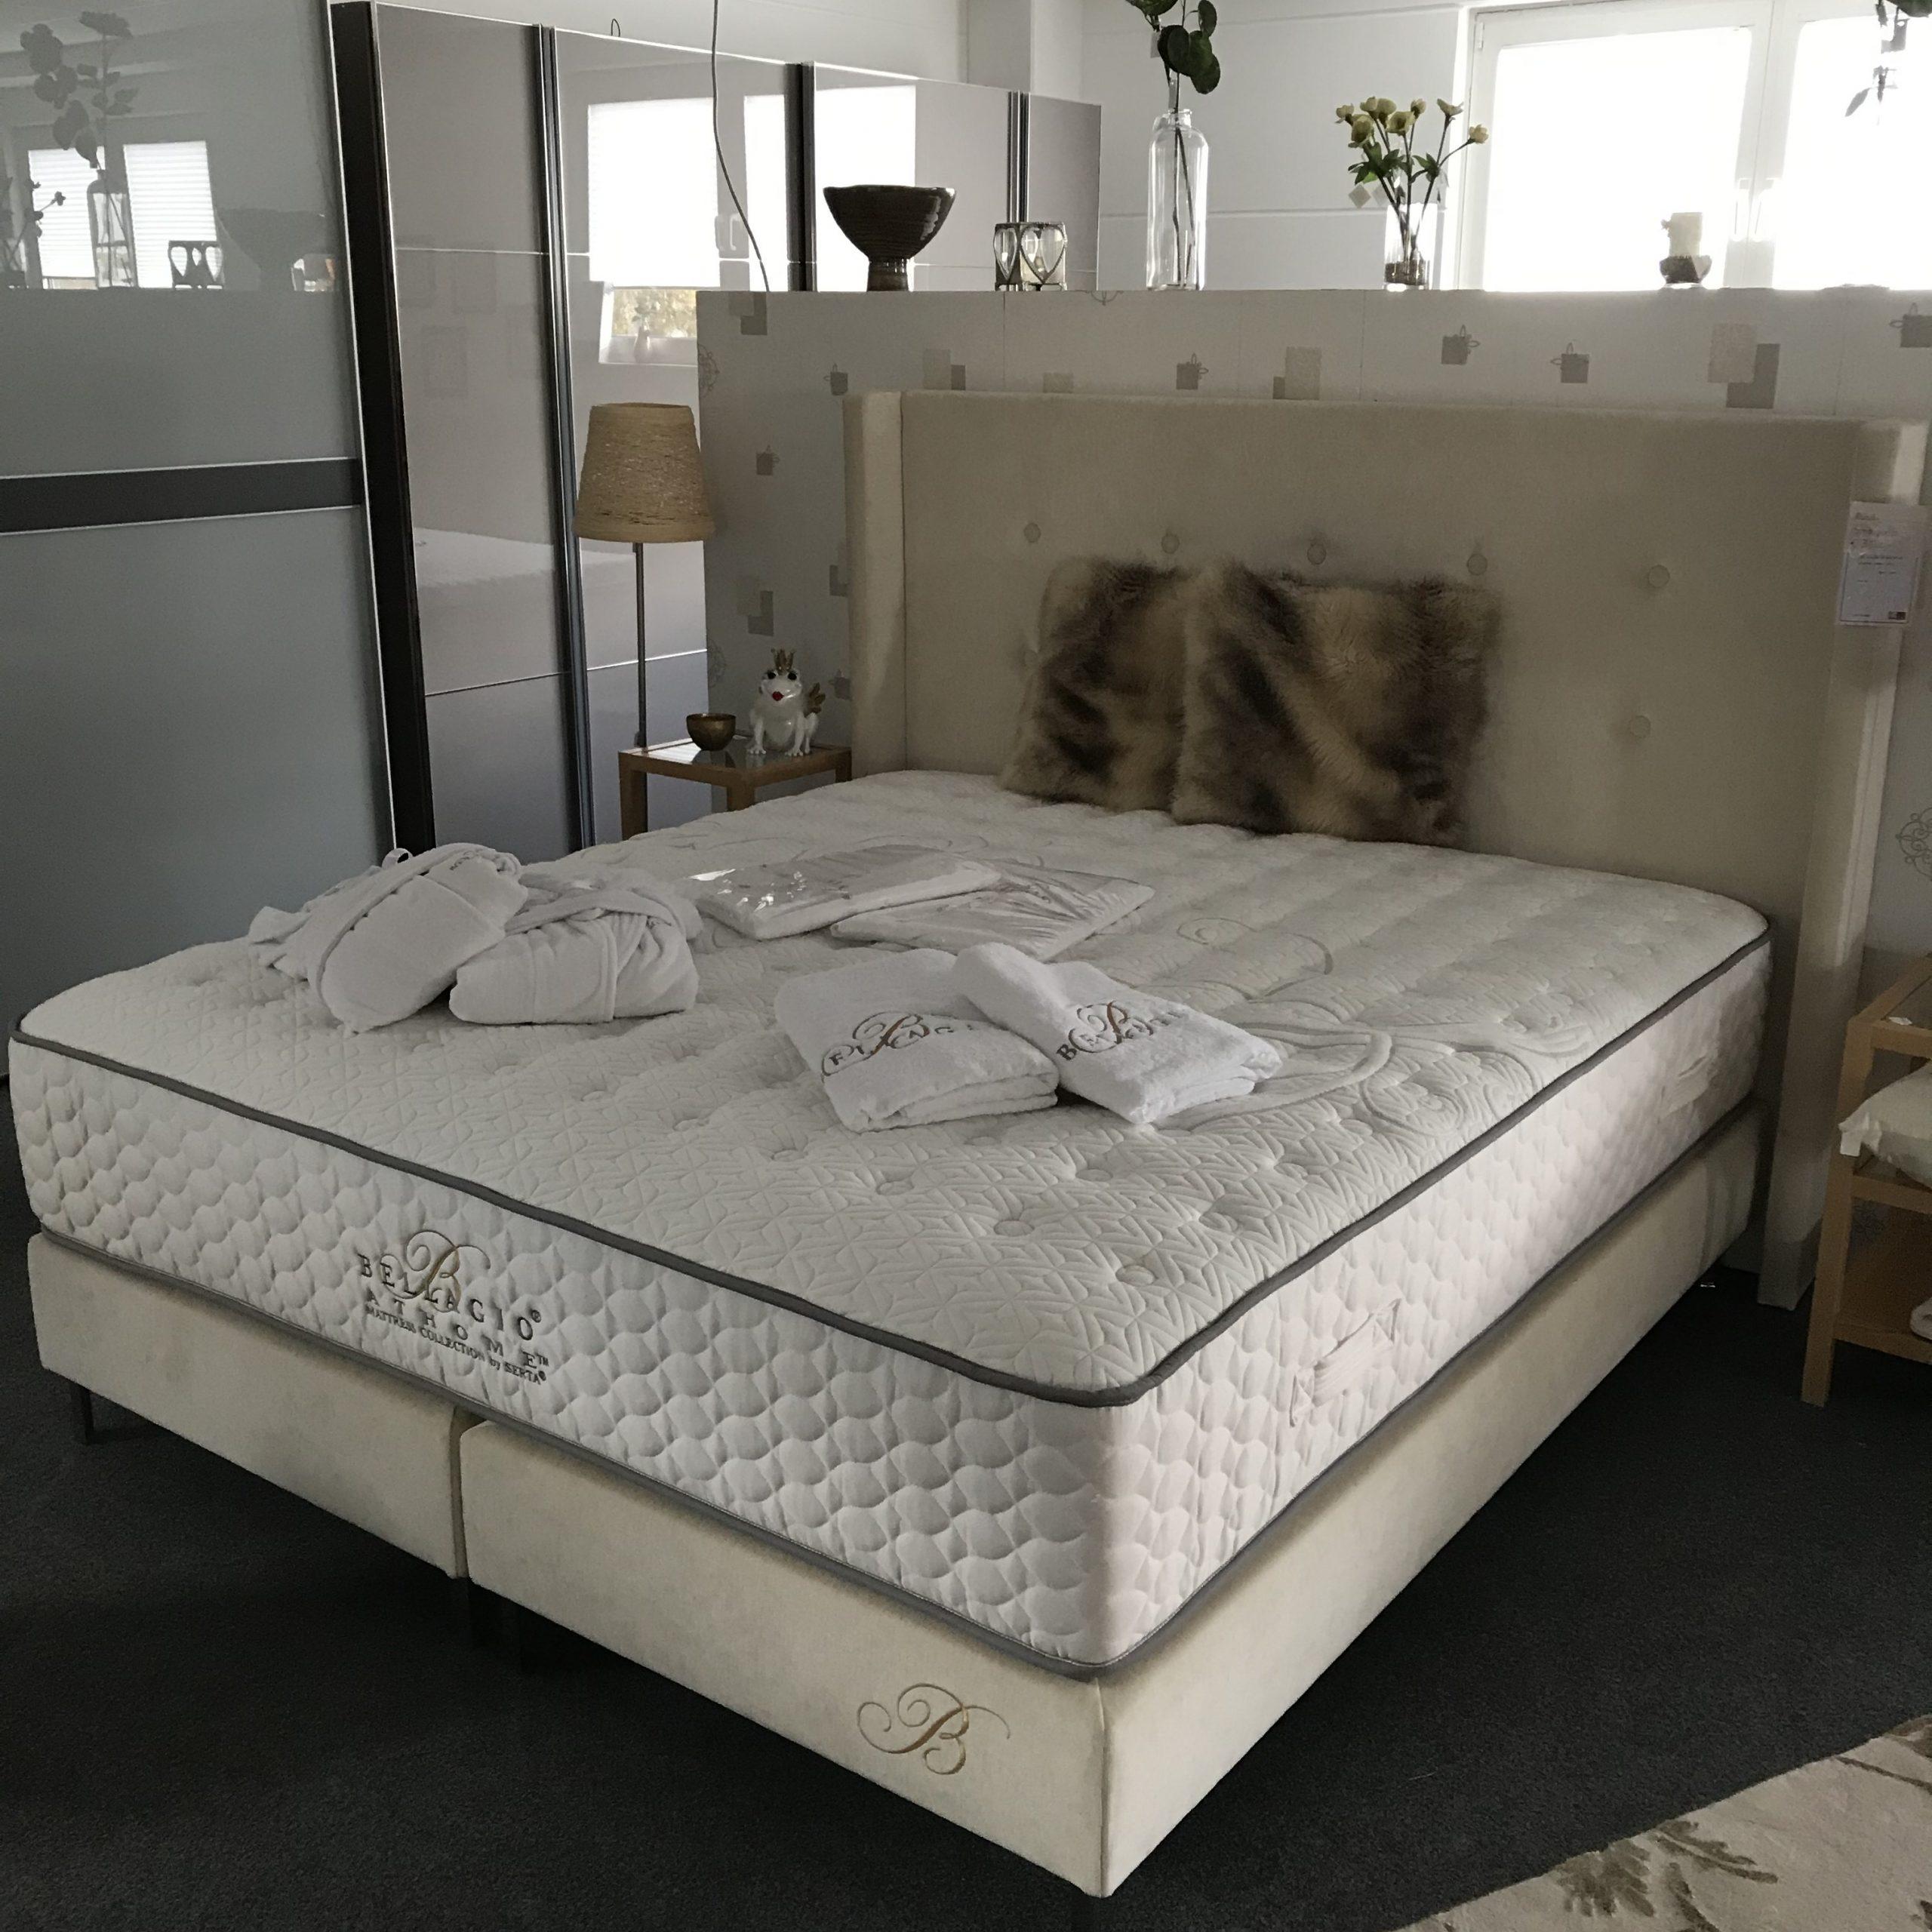 Full Size of Komplettbett 180x220 Bett Ausstellungsstck Mein Betten Massiv Wohnzimmer Komplettbett 180x220